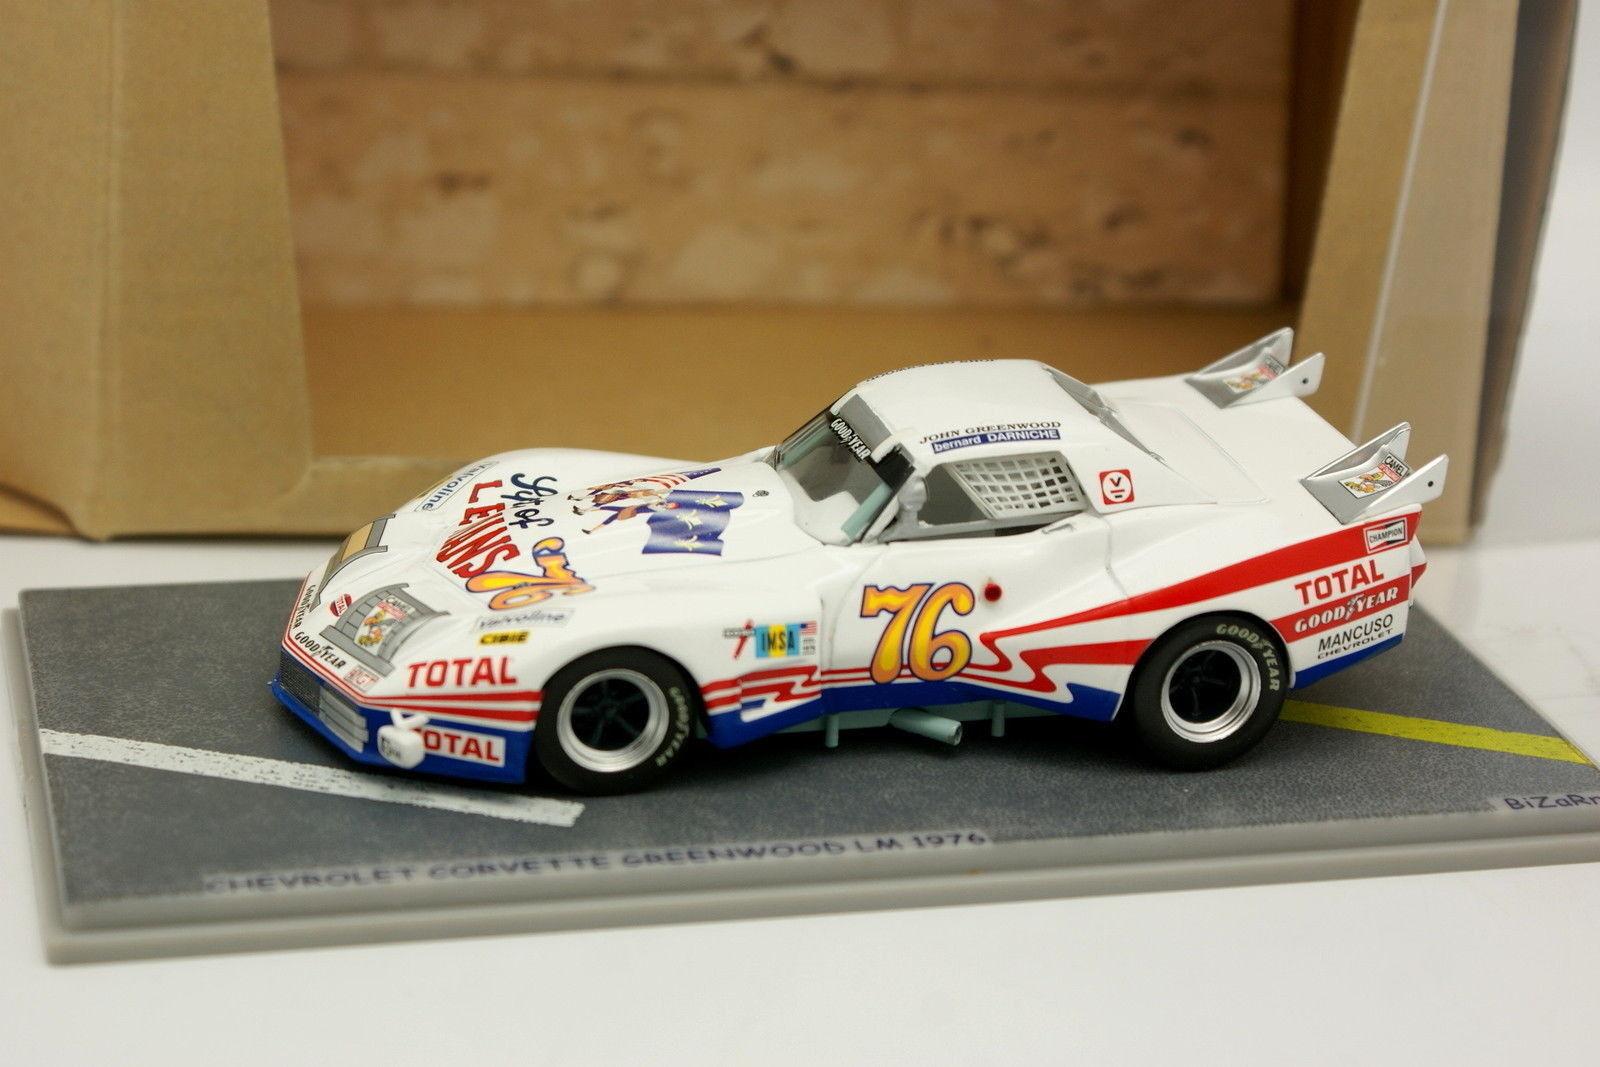 Bizarre 1 43 - Chevrolet Corvette verdewood Le Mans 1976 N°76